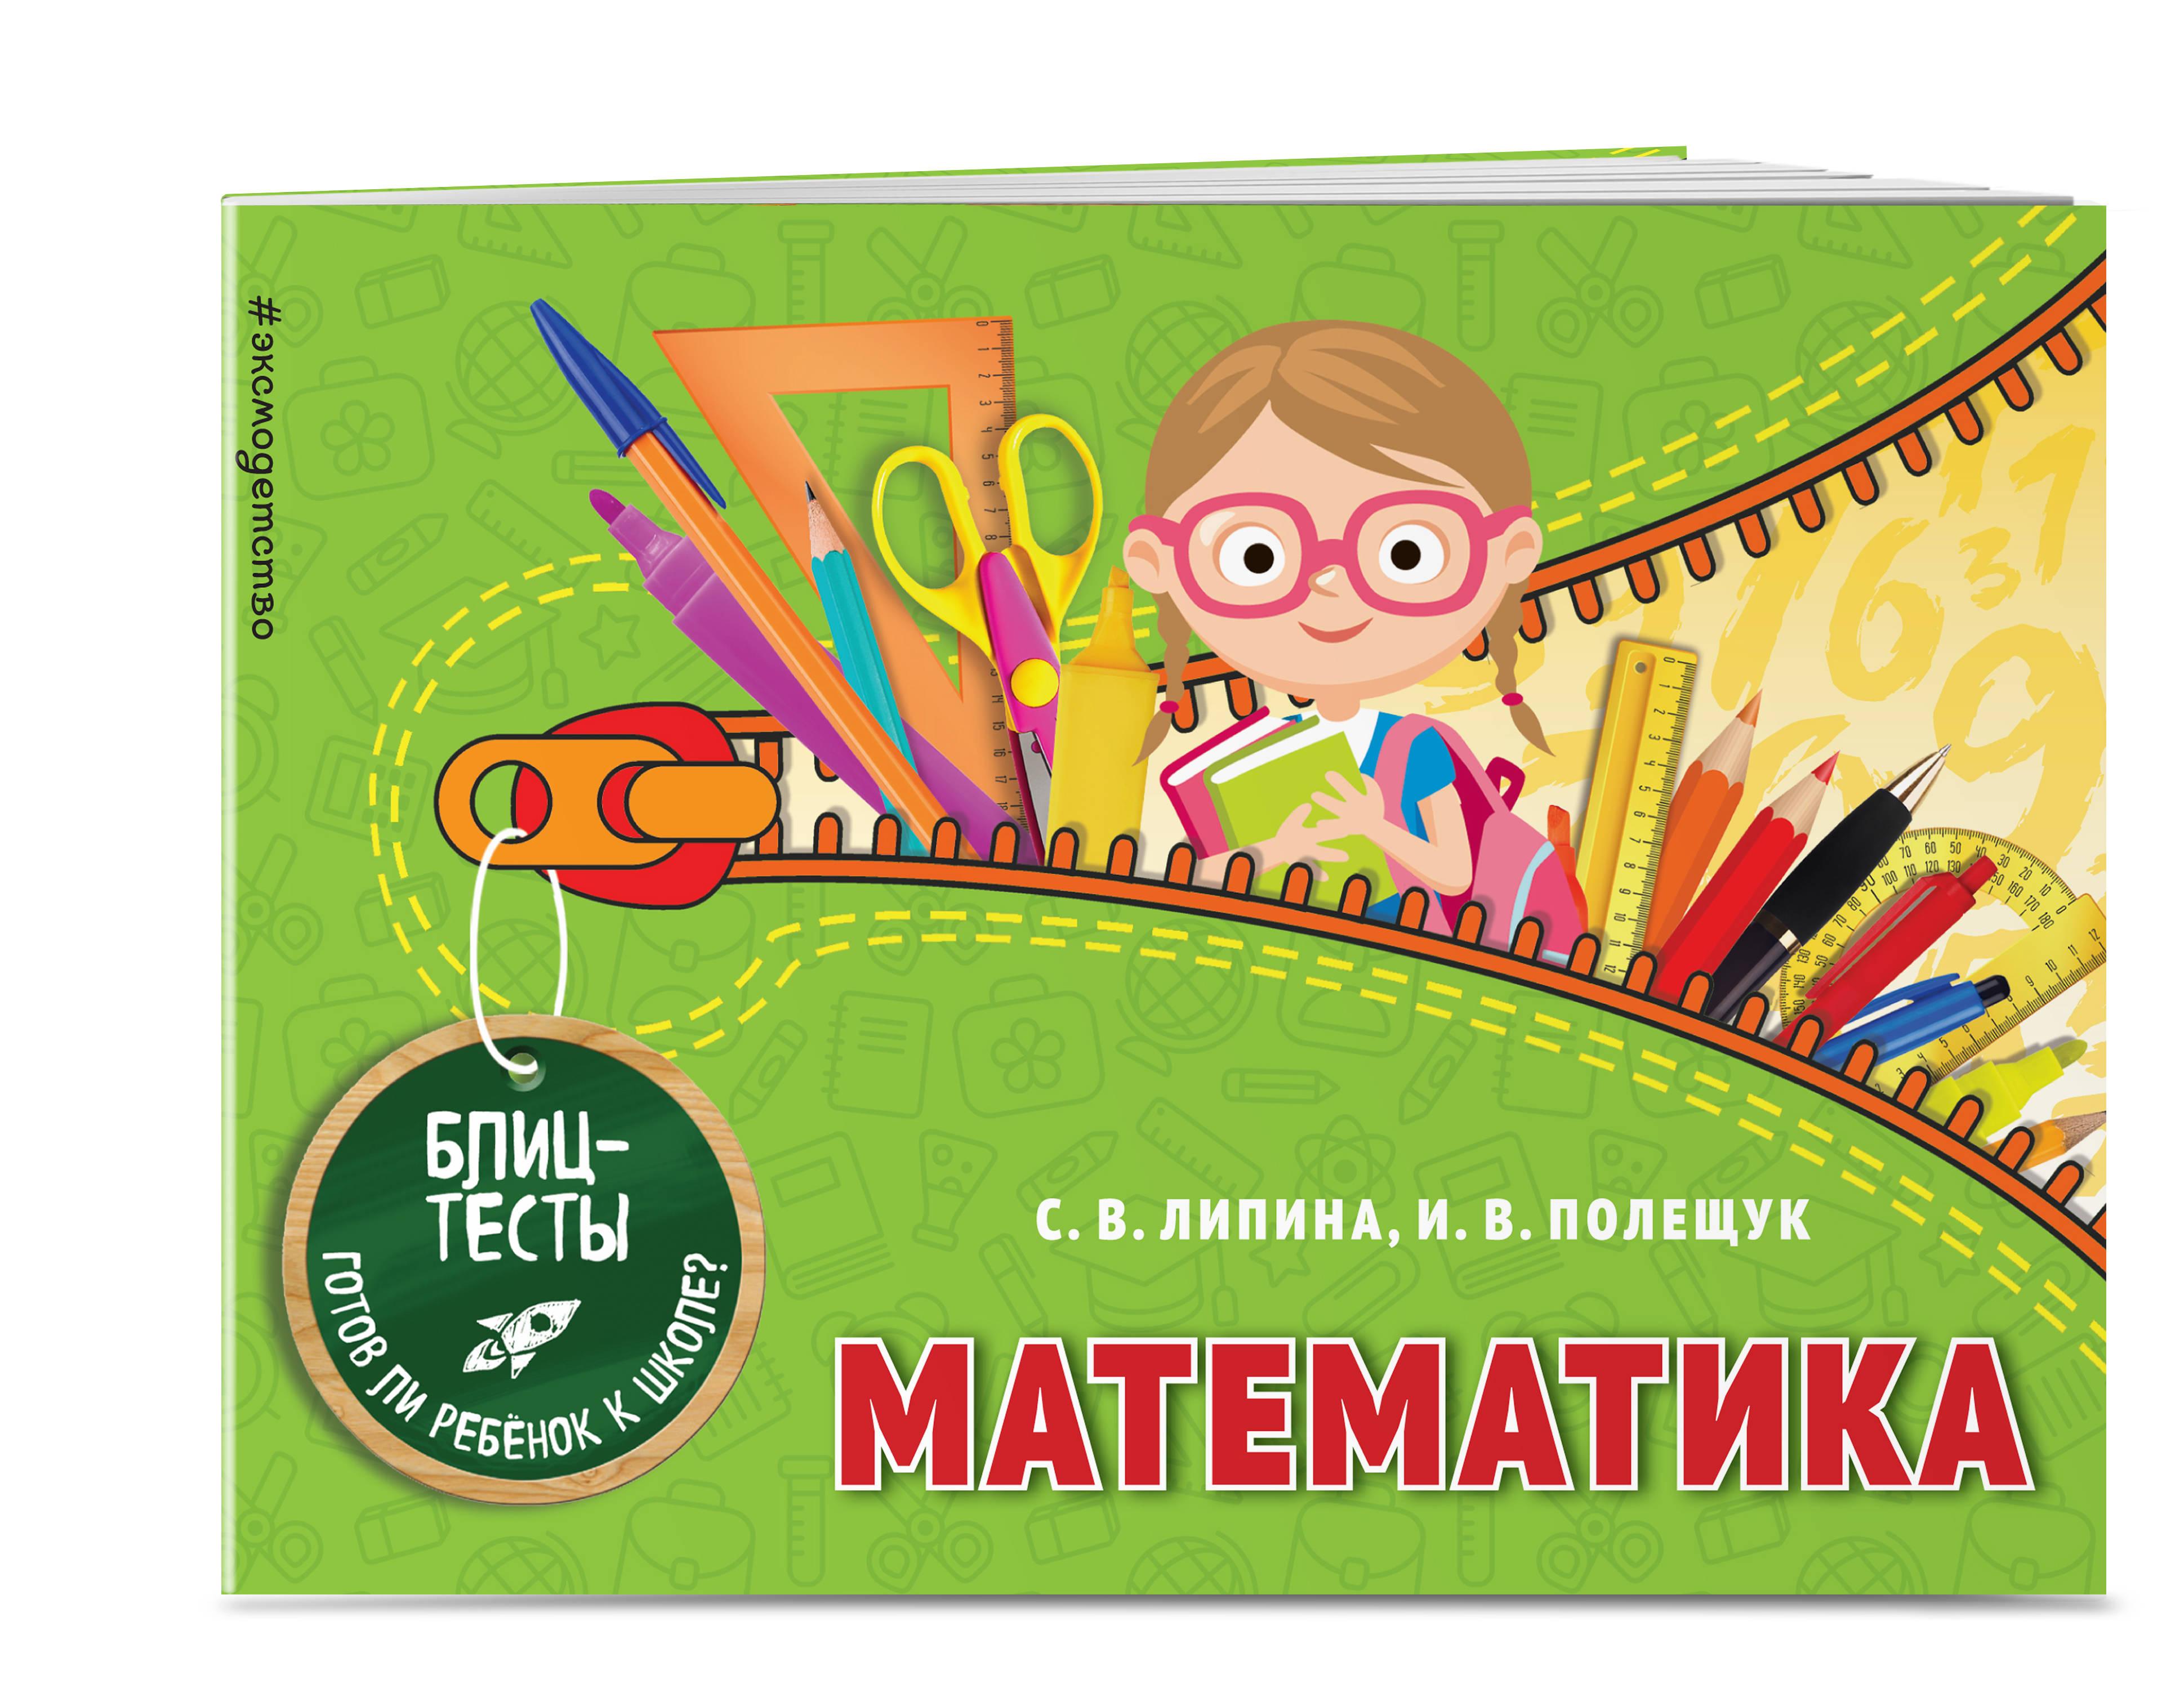 Математика ( Липина С.В., Полещук И.В.  )